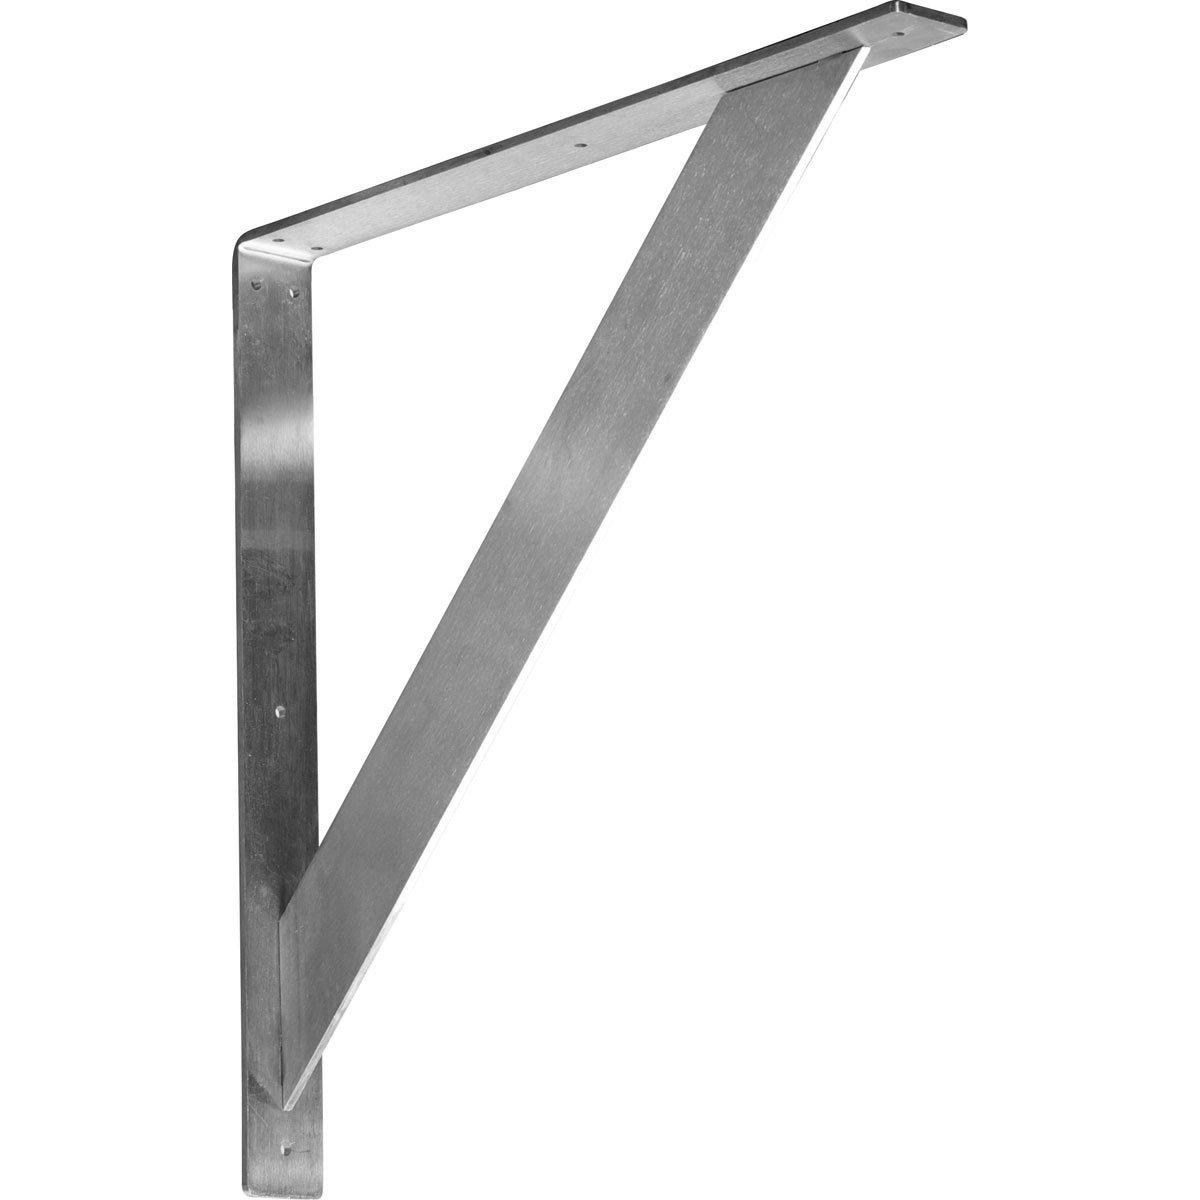 Ekena Millwork BKTM02X20X20TRCRS  2-Inch W x 20-Inch D x 20-Inch H Traditional Bracket, Steel